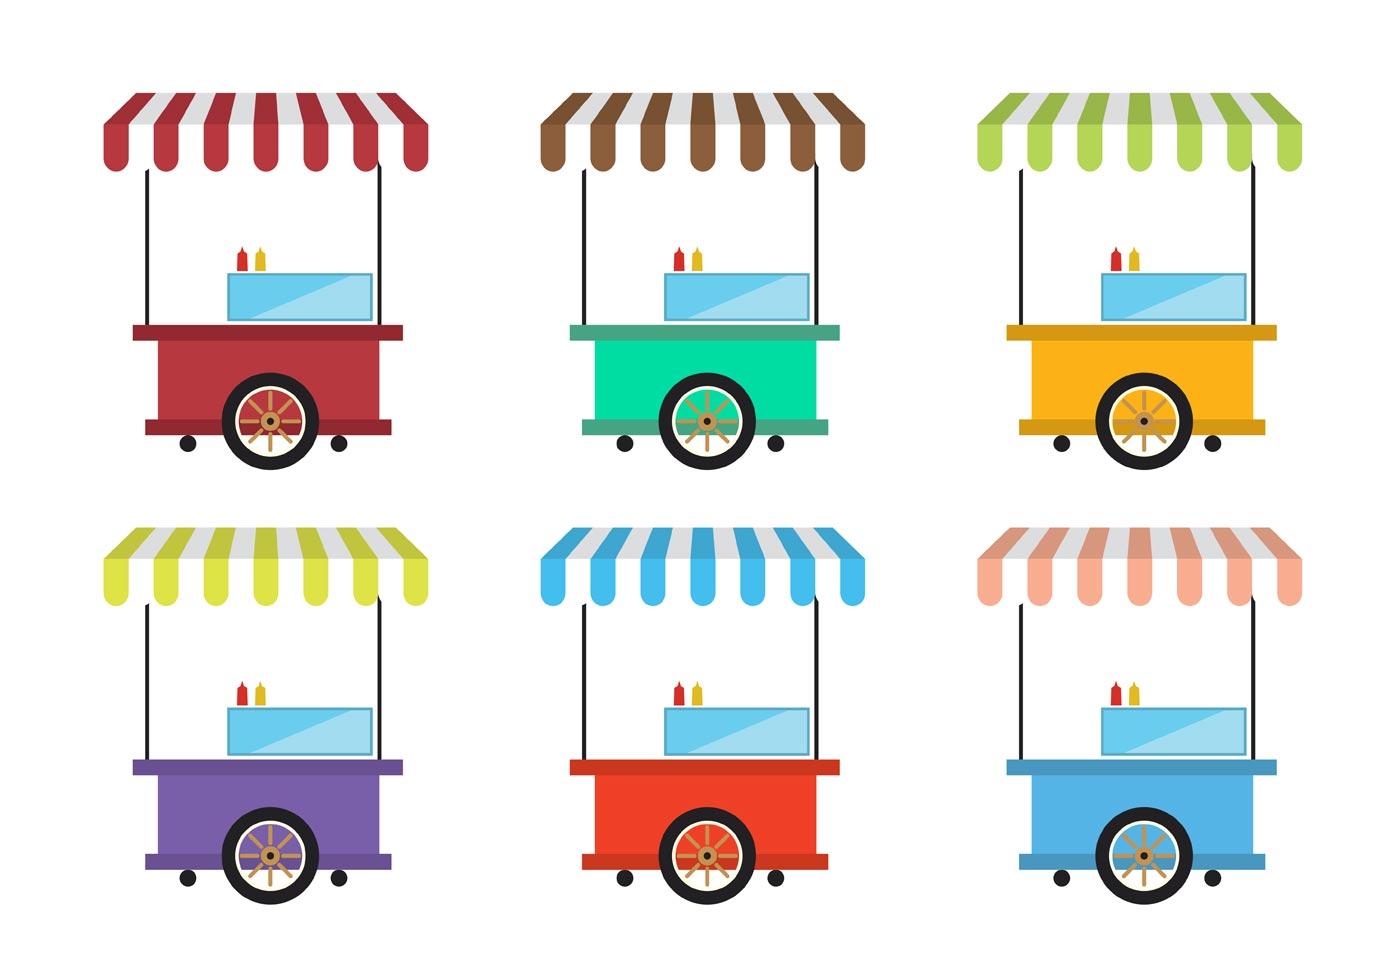 Vintage Food Cart Vectors - Download Free Vectors, Clipart ...